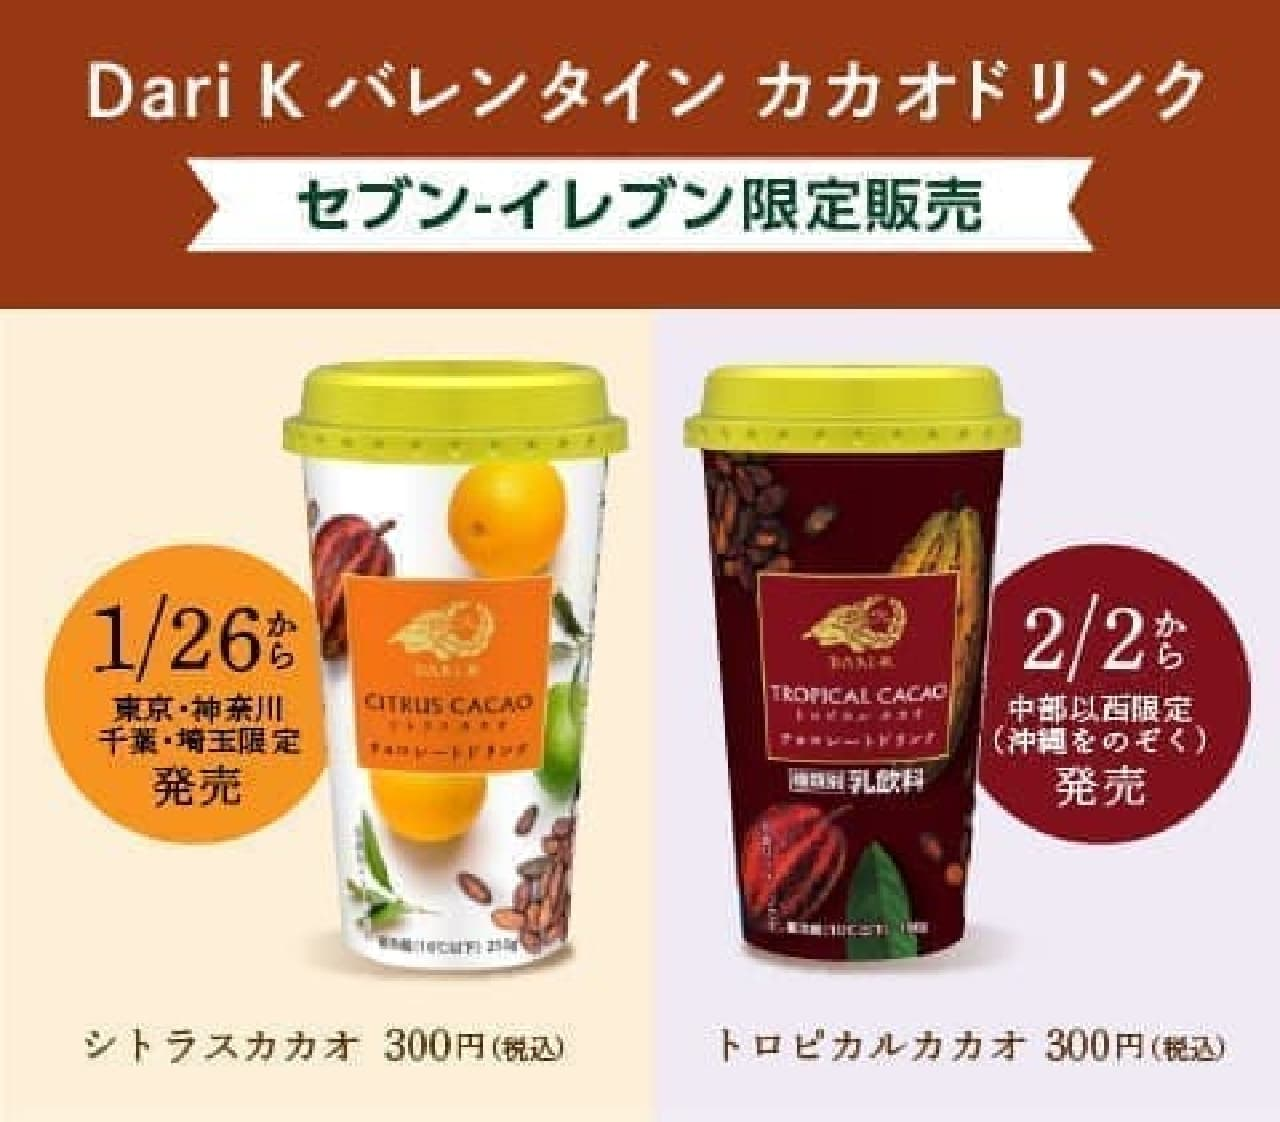 セブン-イレブン「Dari K」のチョコレートドリンク